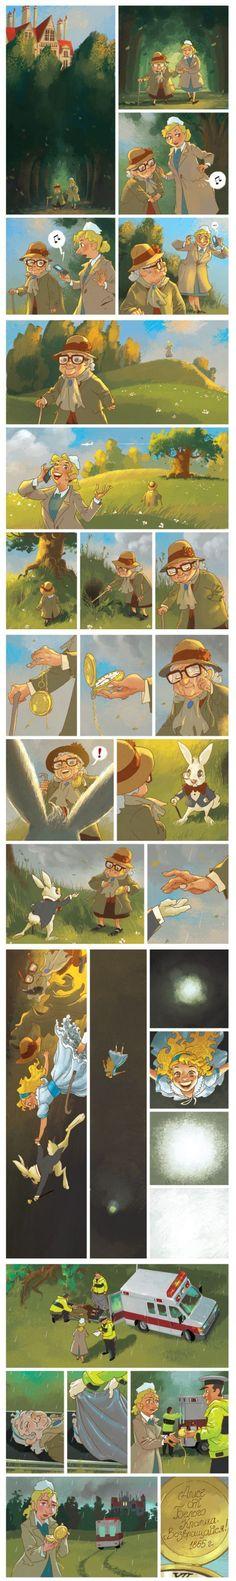 Awe! I cried.